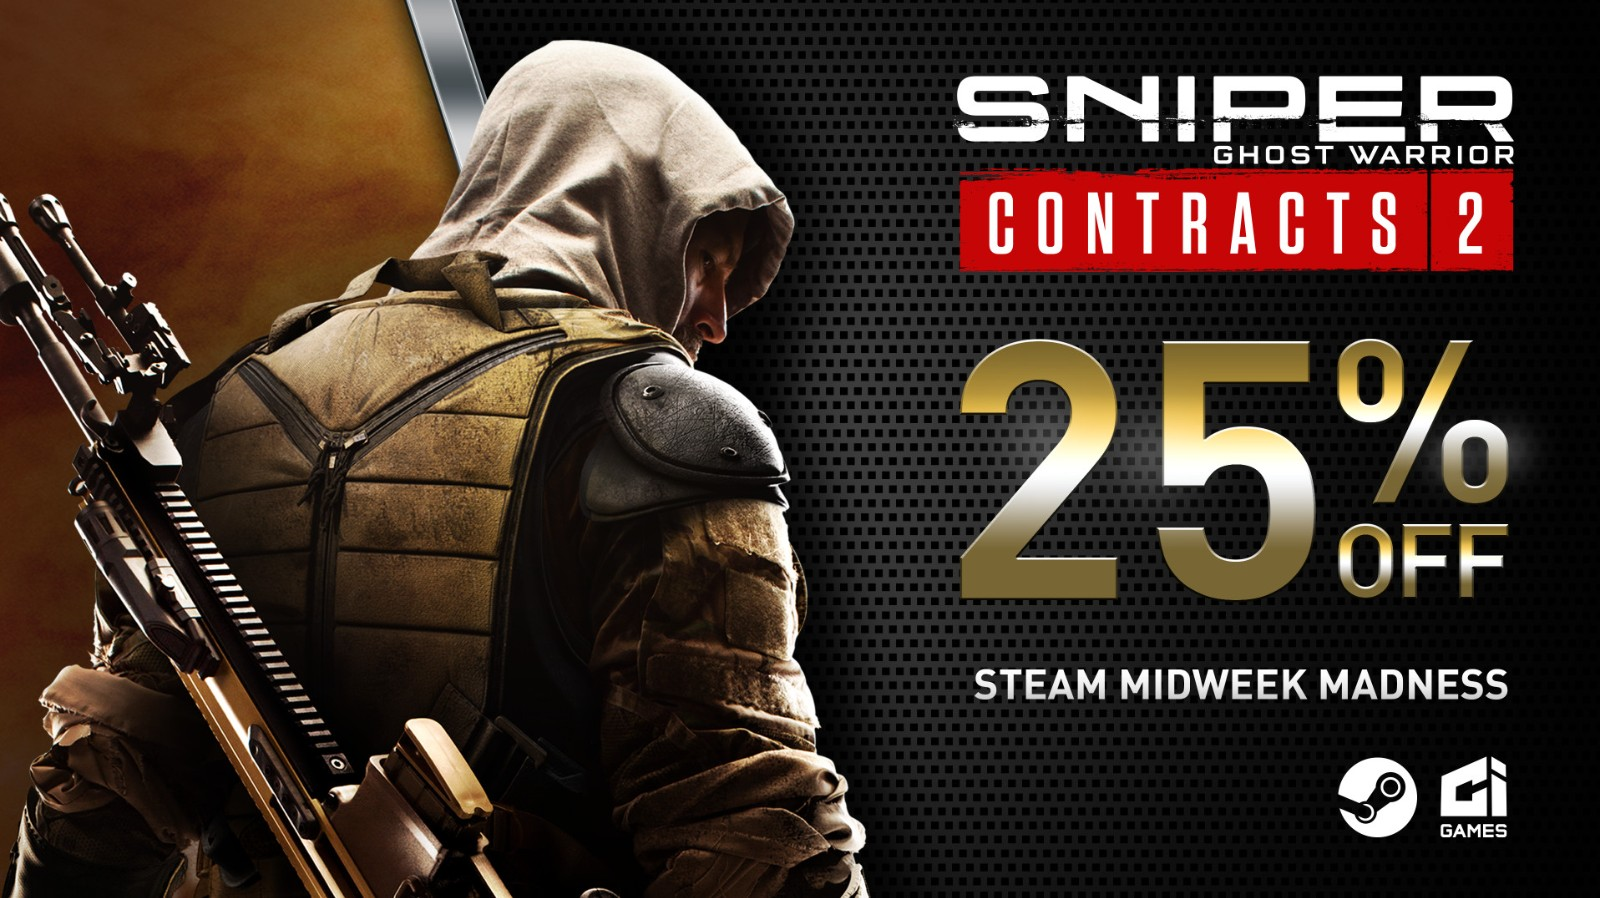 """《狙击手:幽灵战士契约2》免费DLC""""屠夫的盛宴""""正式开启"""